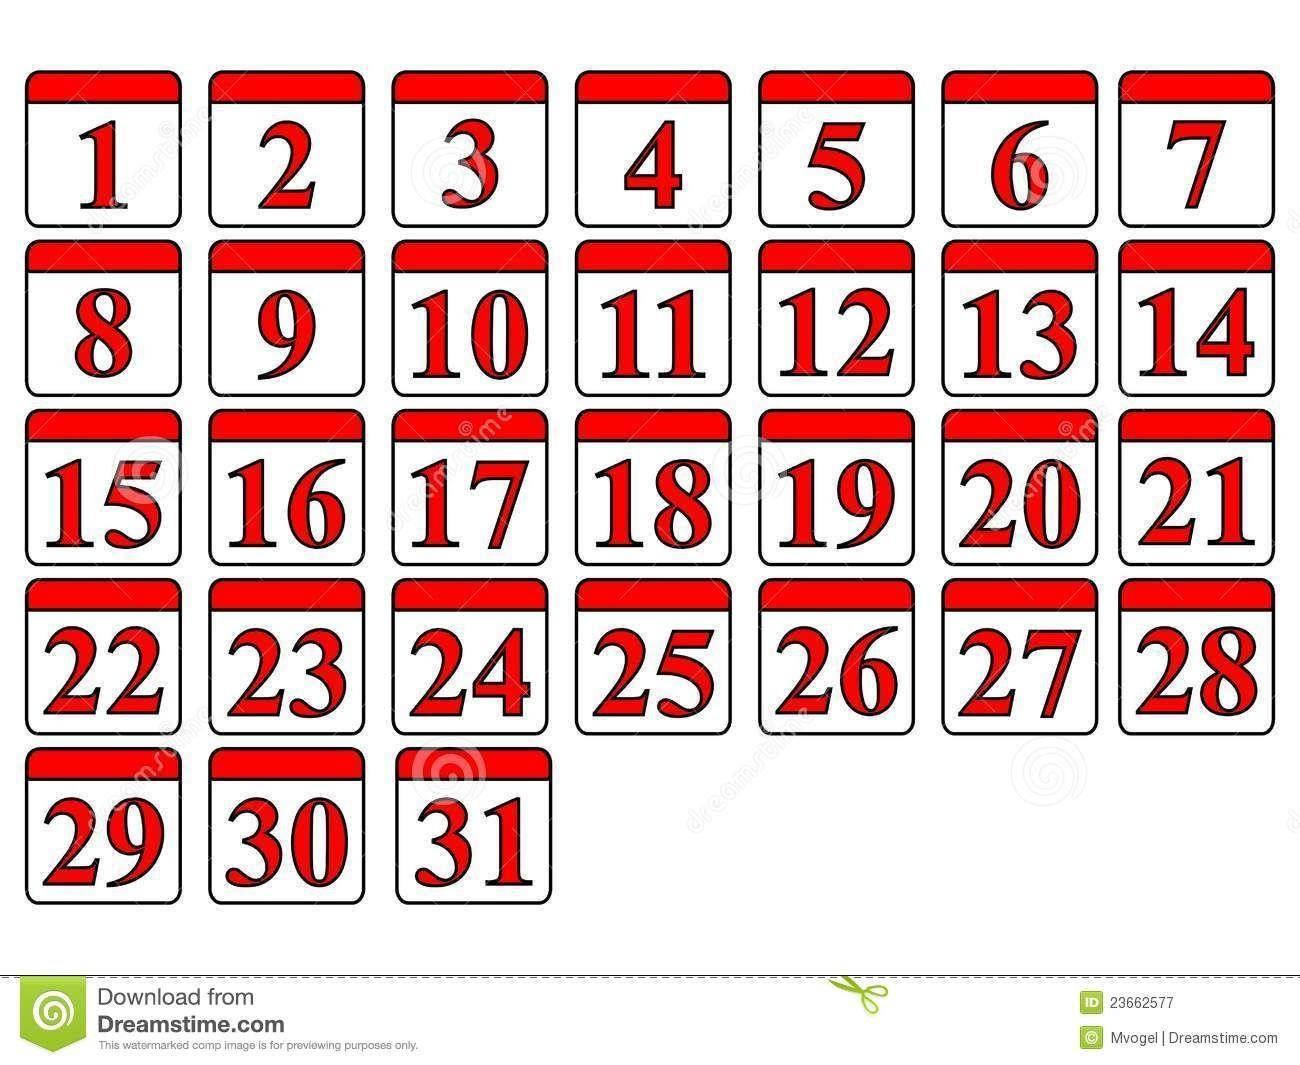 Free Printable Calendar Numbers 1-31 May In 2020 | Printable